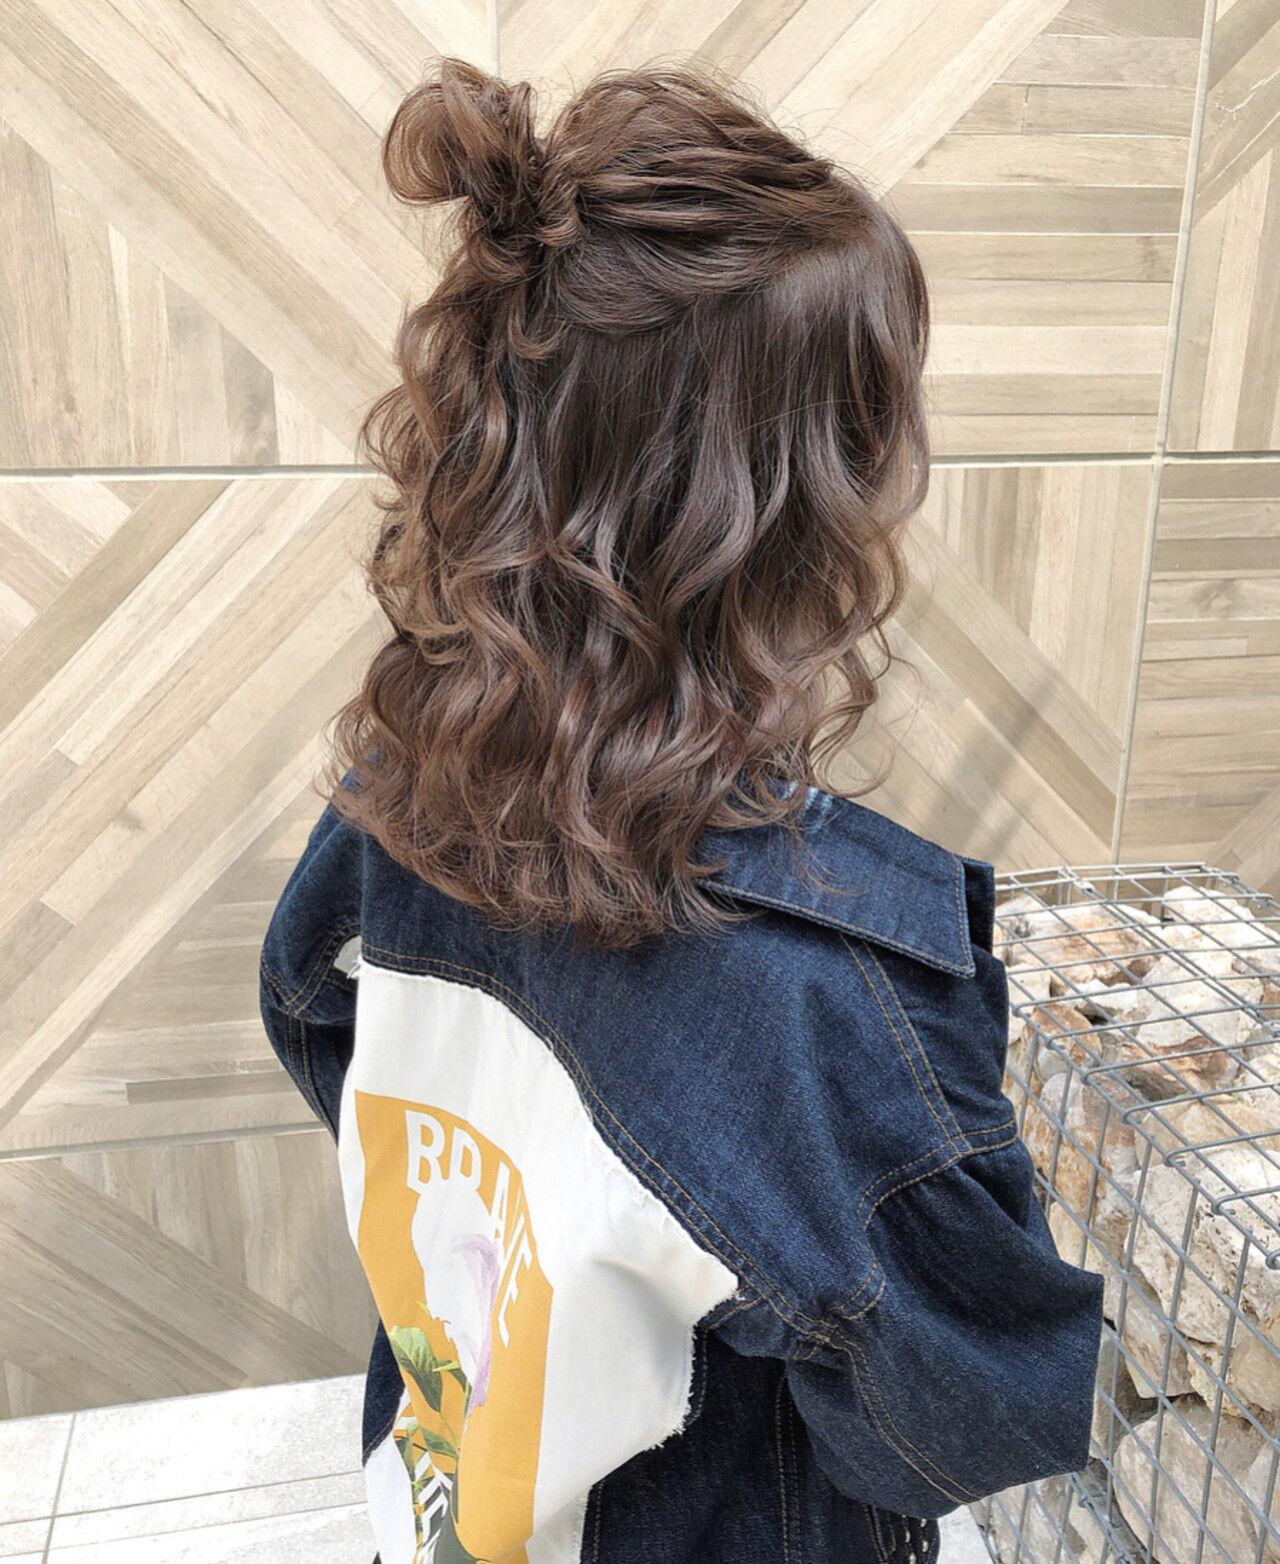 ハーフアップ ベージュ ナチュラル オリーブベージュヘアスタイルや髪型の写真・画像